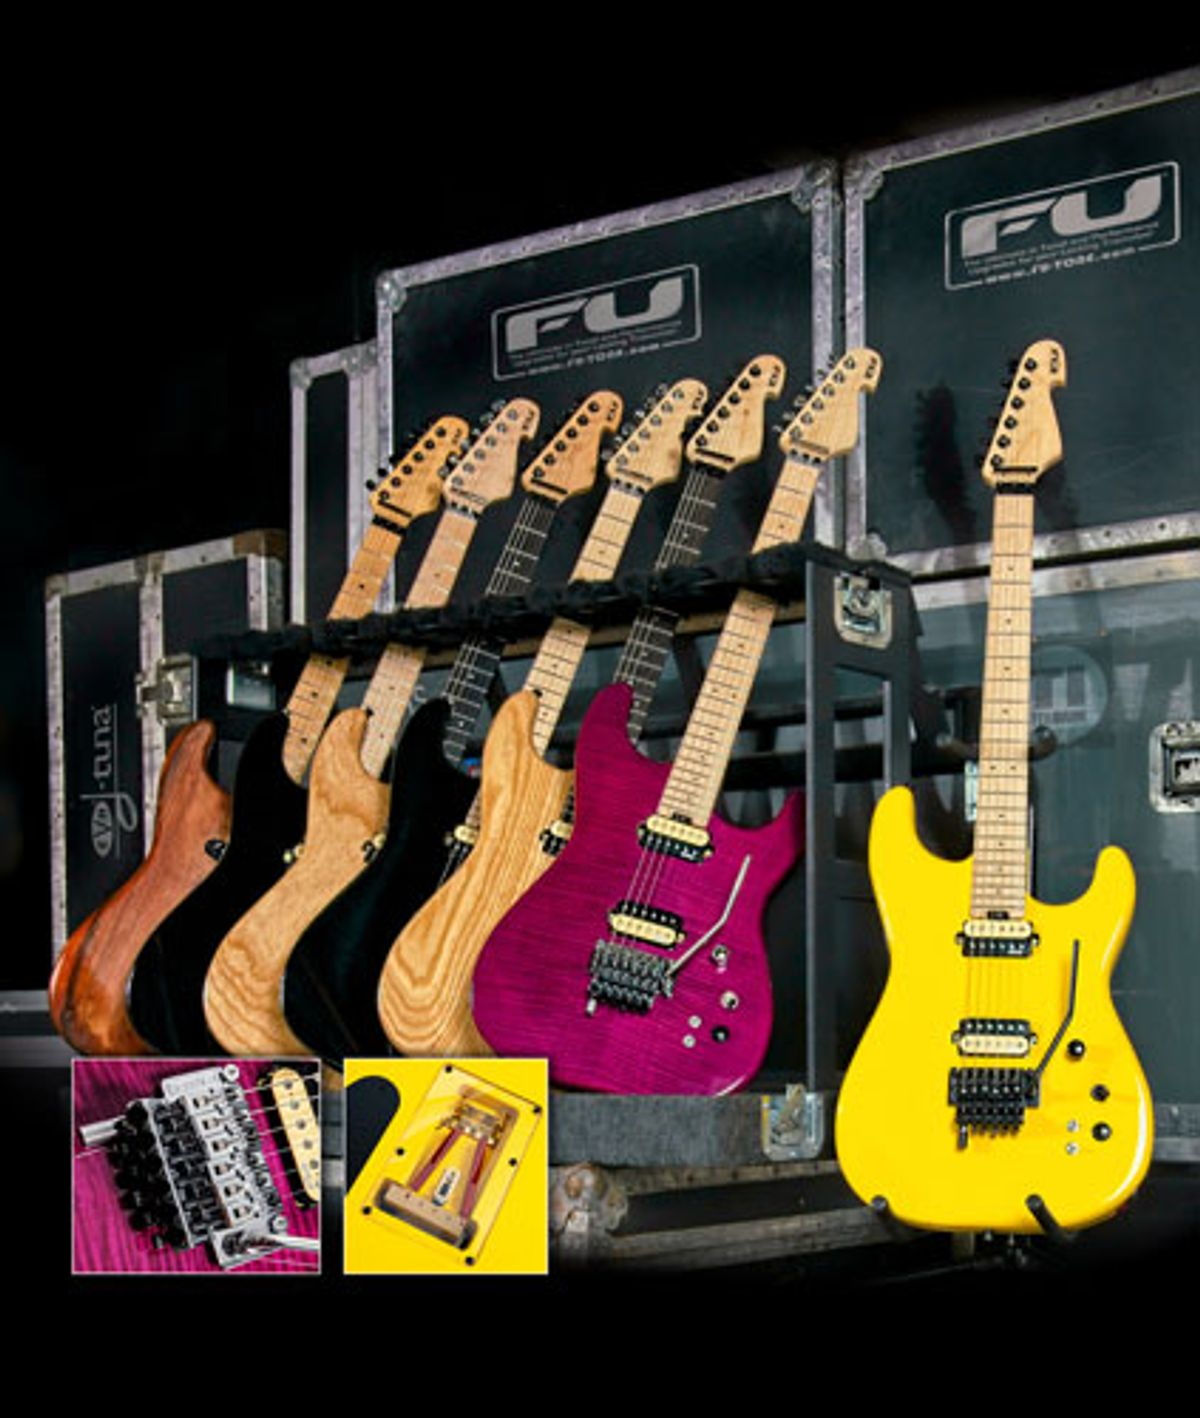 FU-Tone Introduces FU Pro Line of Guitars